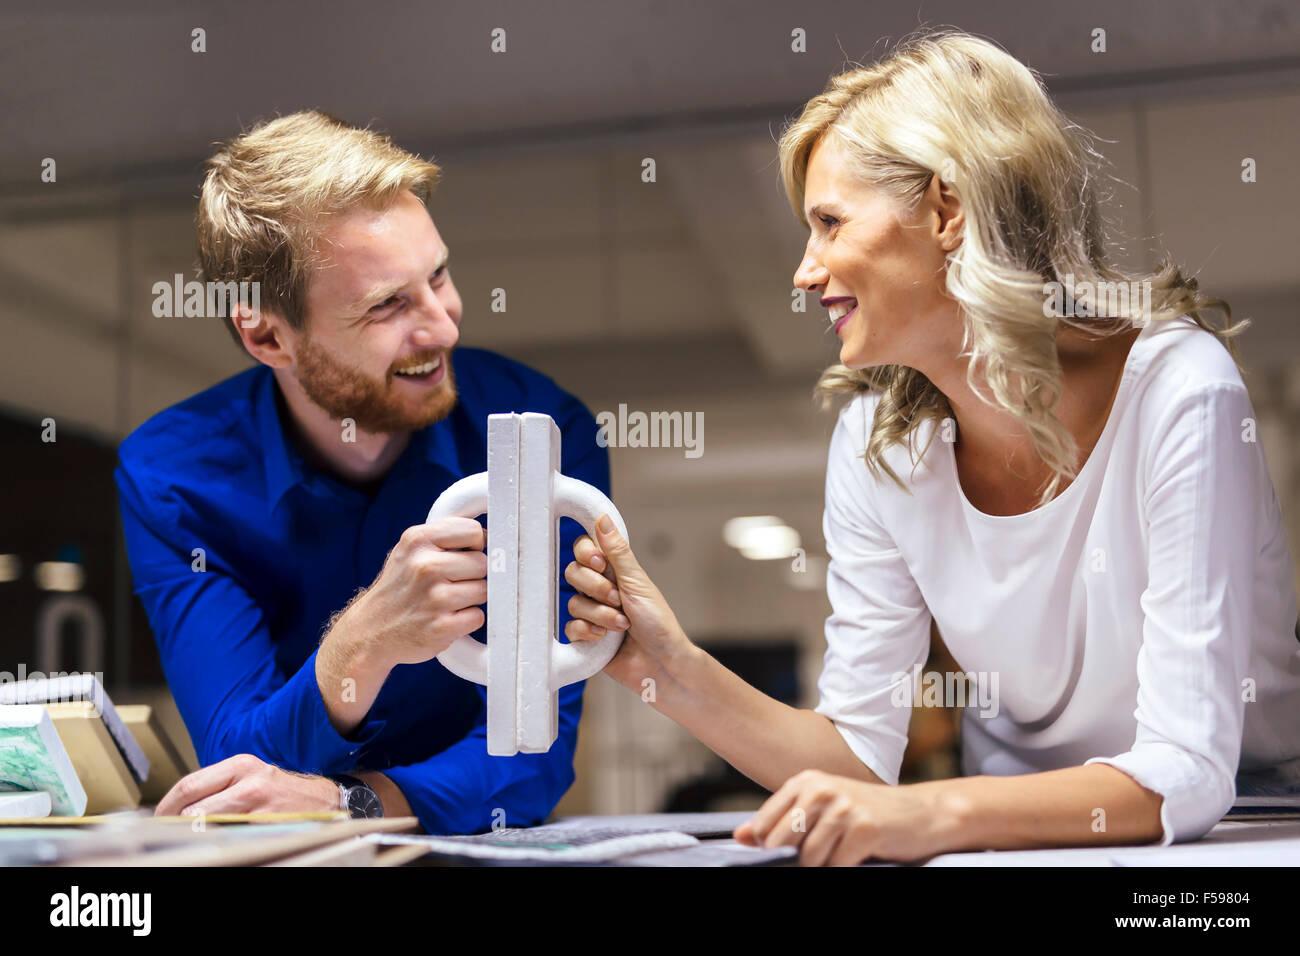 Colaboración y determinación lleva al éxito Imagen De Stock